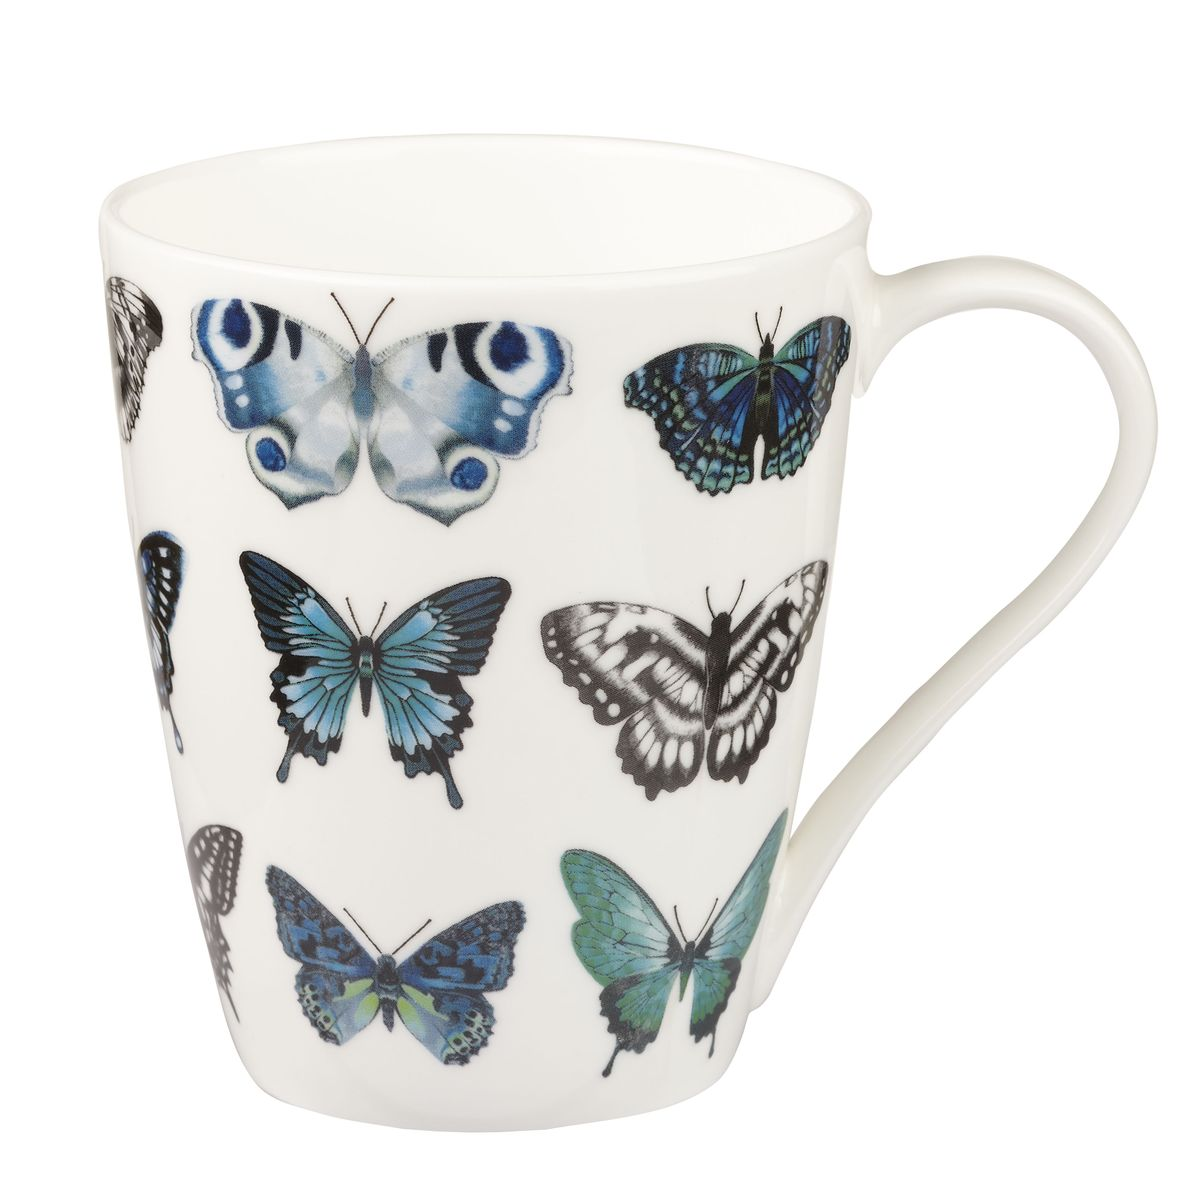 Кружка Churchill Бабочки, цвет: белый, синий, серый, 425 мл54 009312Кружка Churchill Бабочки изготовлена из высококачественного костяного фарфора. Внешние стенки дополнены красочным изображением бабочек. Такая кружка отлично подойдет для горячих и холодных напитков. С ней ваши любимые напитки будут еще вкусней. Коллекция Арлекин красиво упакована в подарочные коробки. Можно мыть в посудомоечной машине. Можно использовать в микроволновой печи.